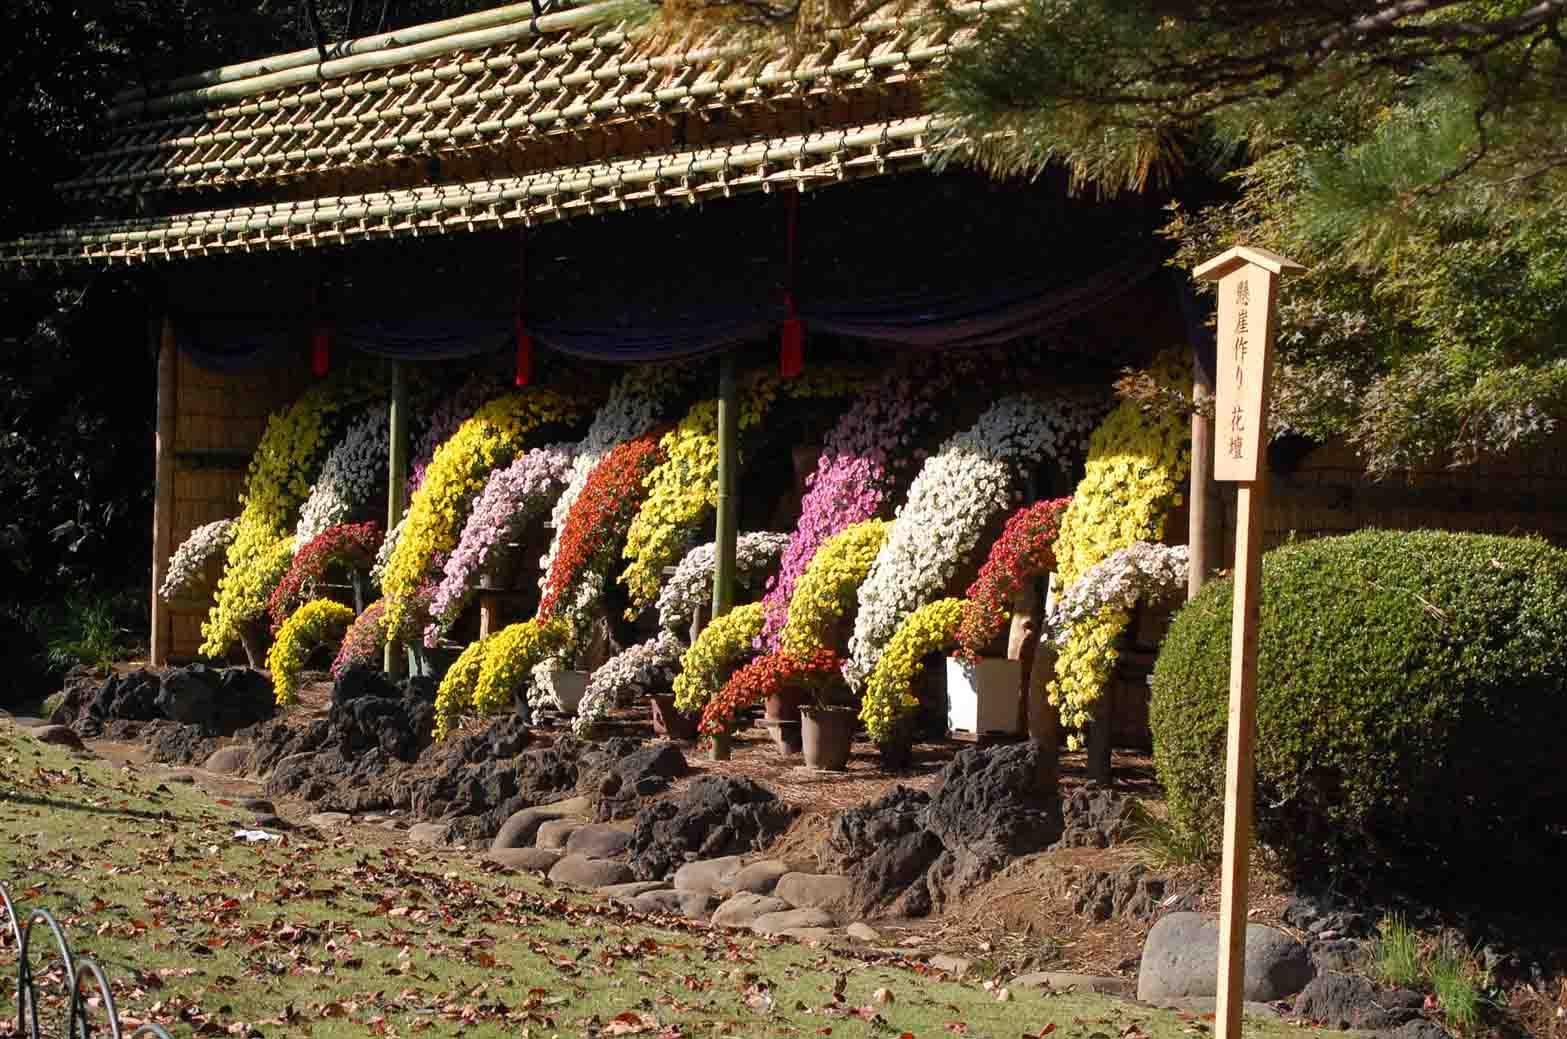 201111116新宿御苑 037A